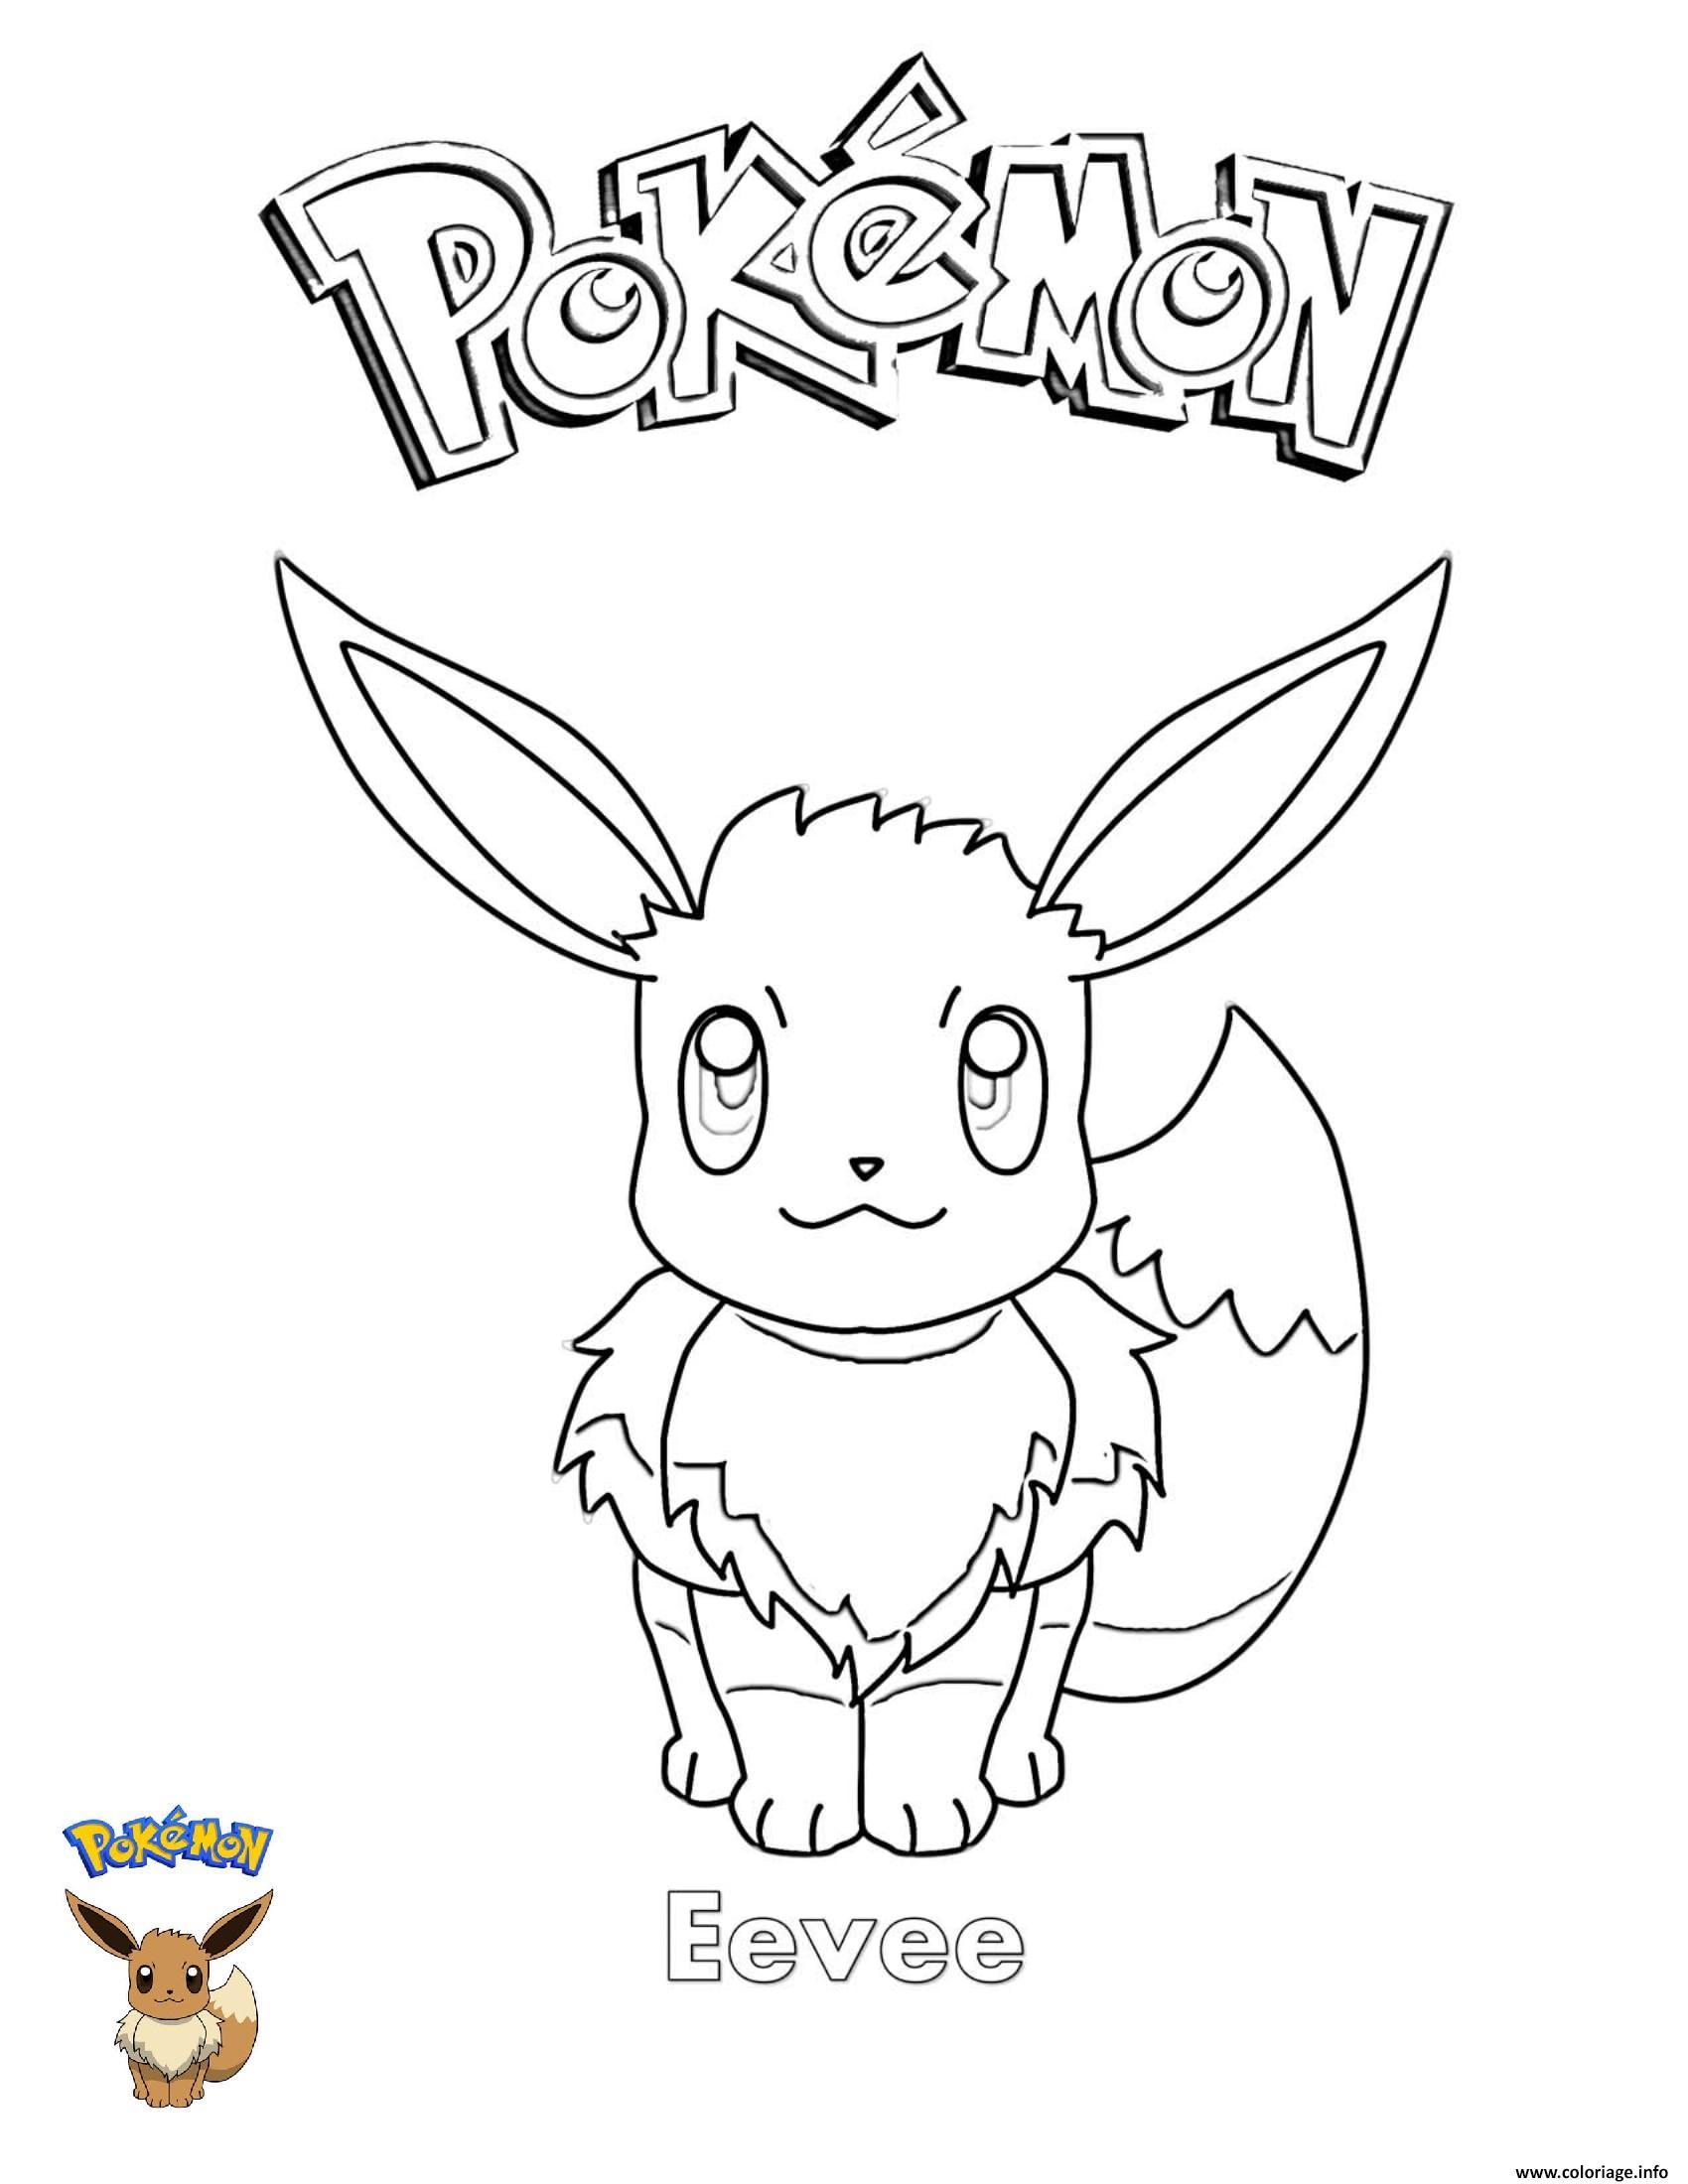 Dessin Eevee Pokemon Coloriage Gratuit à Imprimer